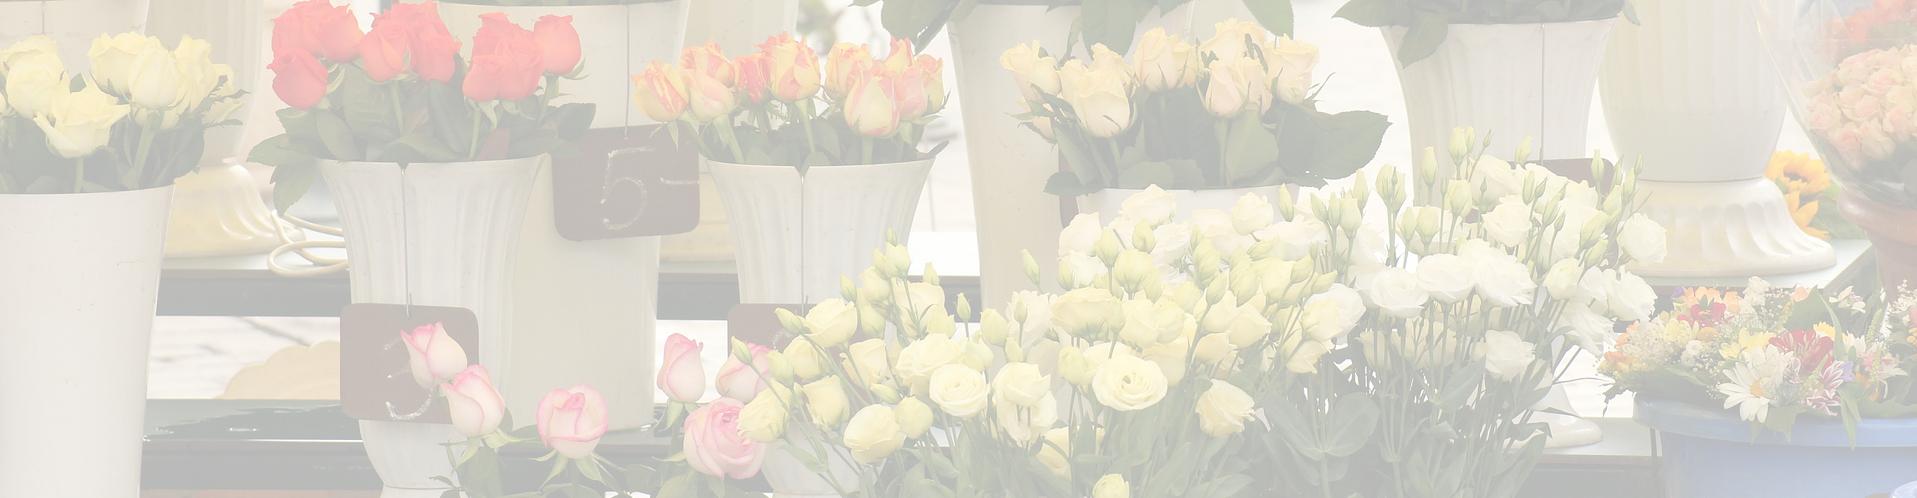 Flower Shop 1 Most Affordable Floral Network